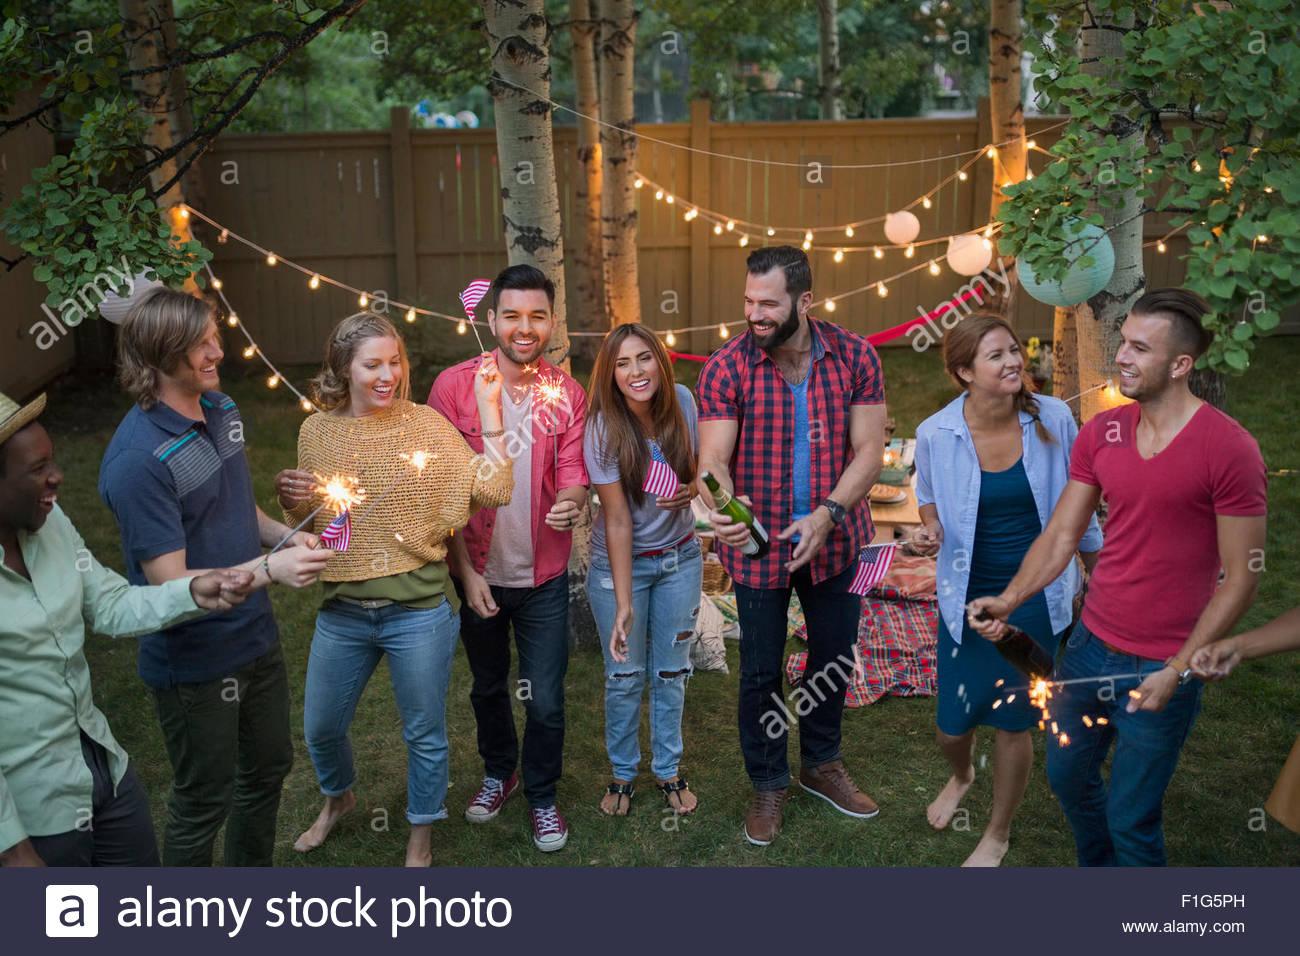 Freunde mit Wunderkerzen auf Hinterhof-party Stockbild